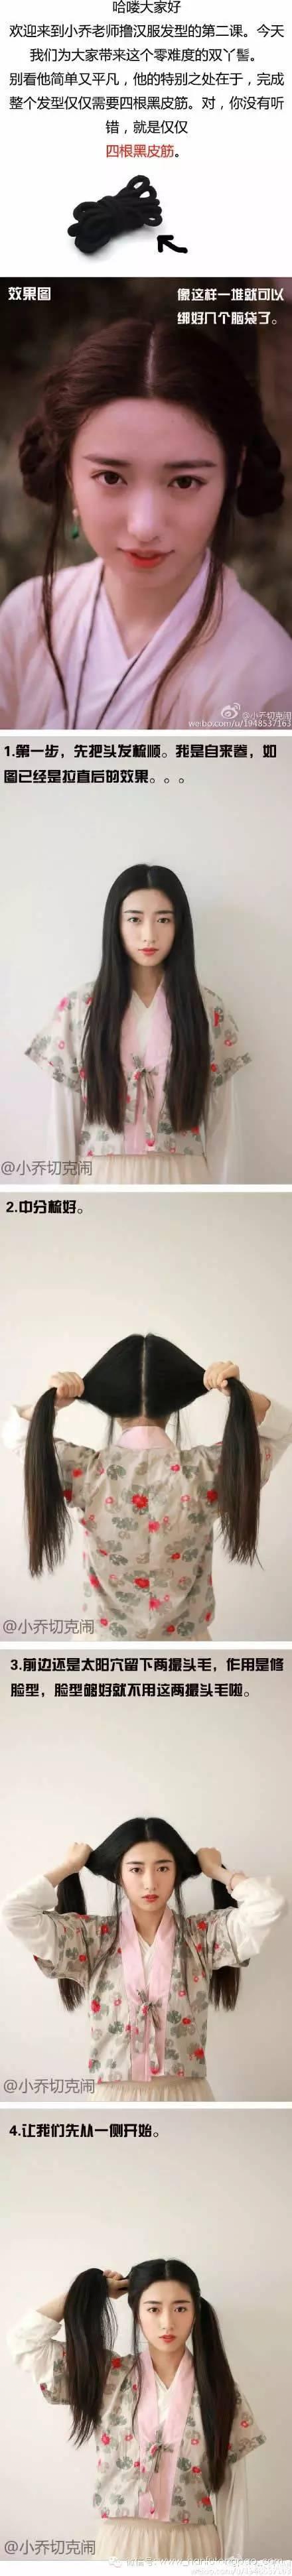 【古代发型】古典发髻教程——双丫鬓 手残党福音